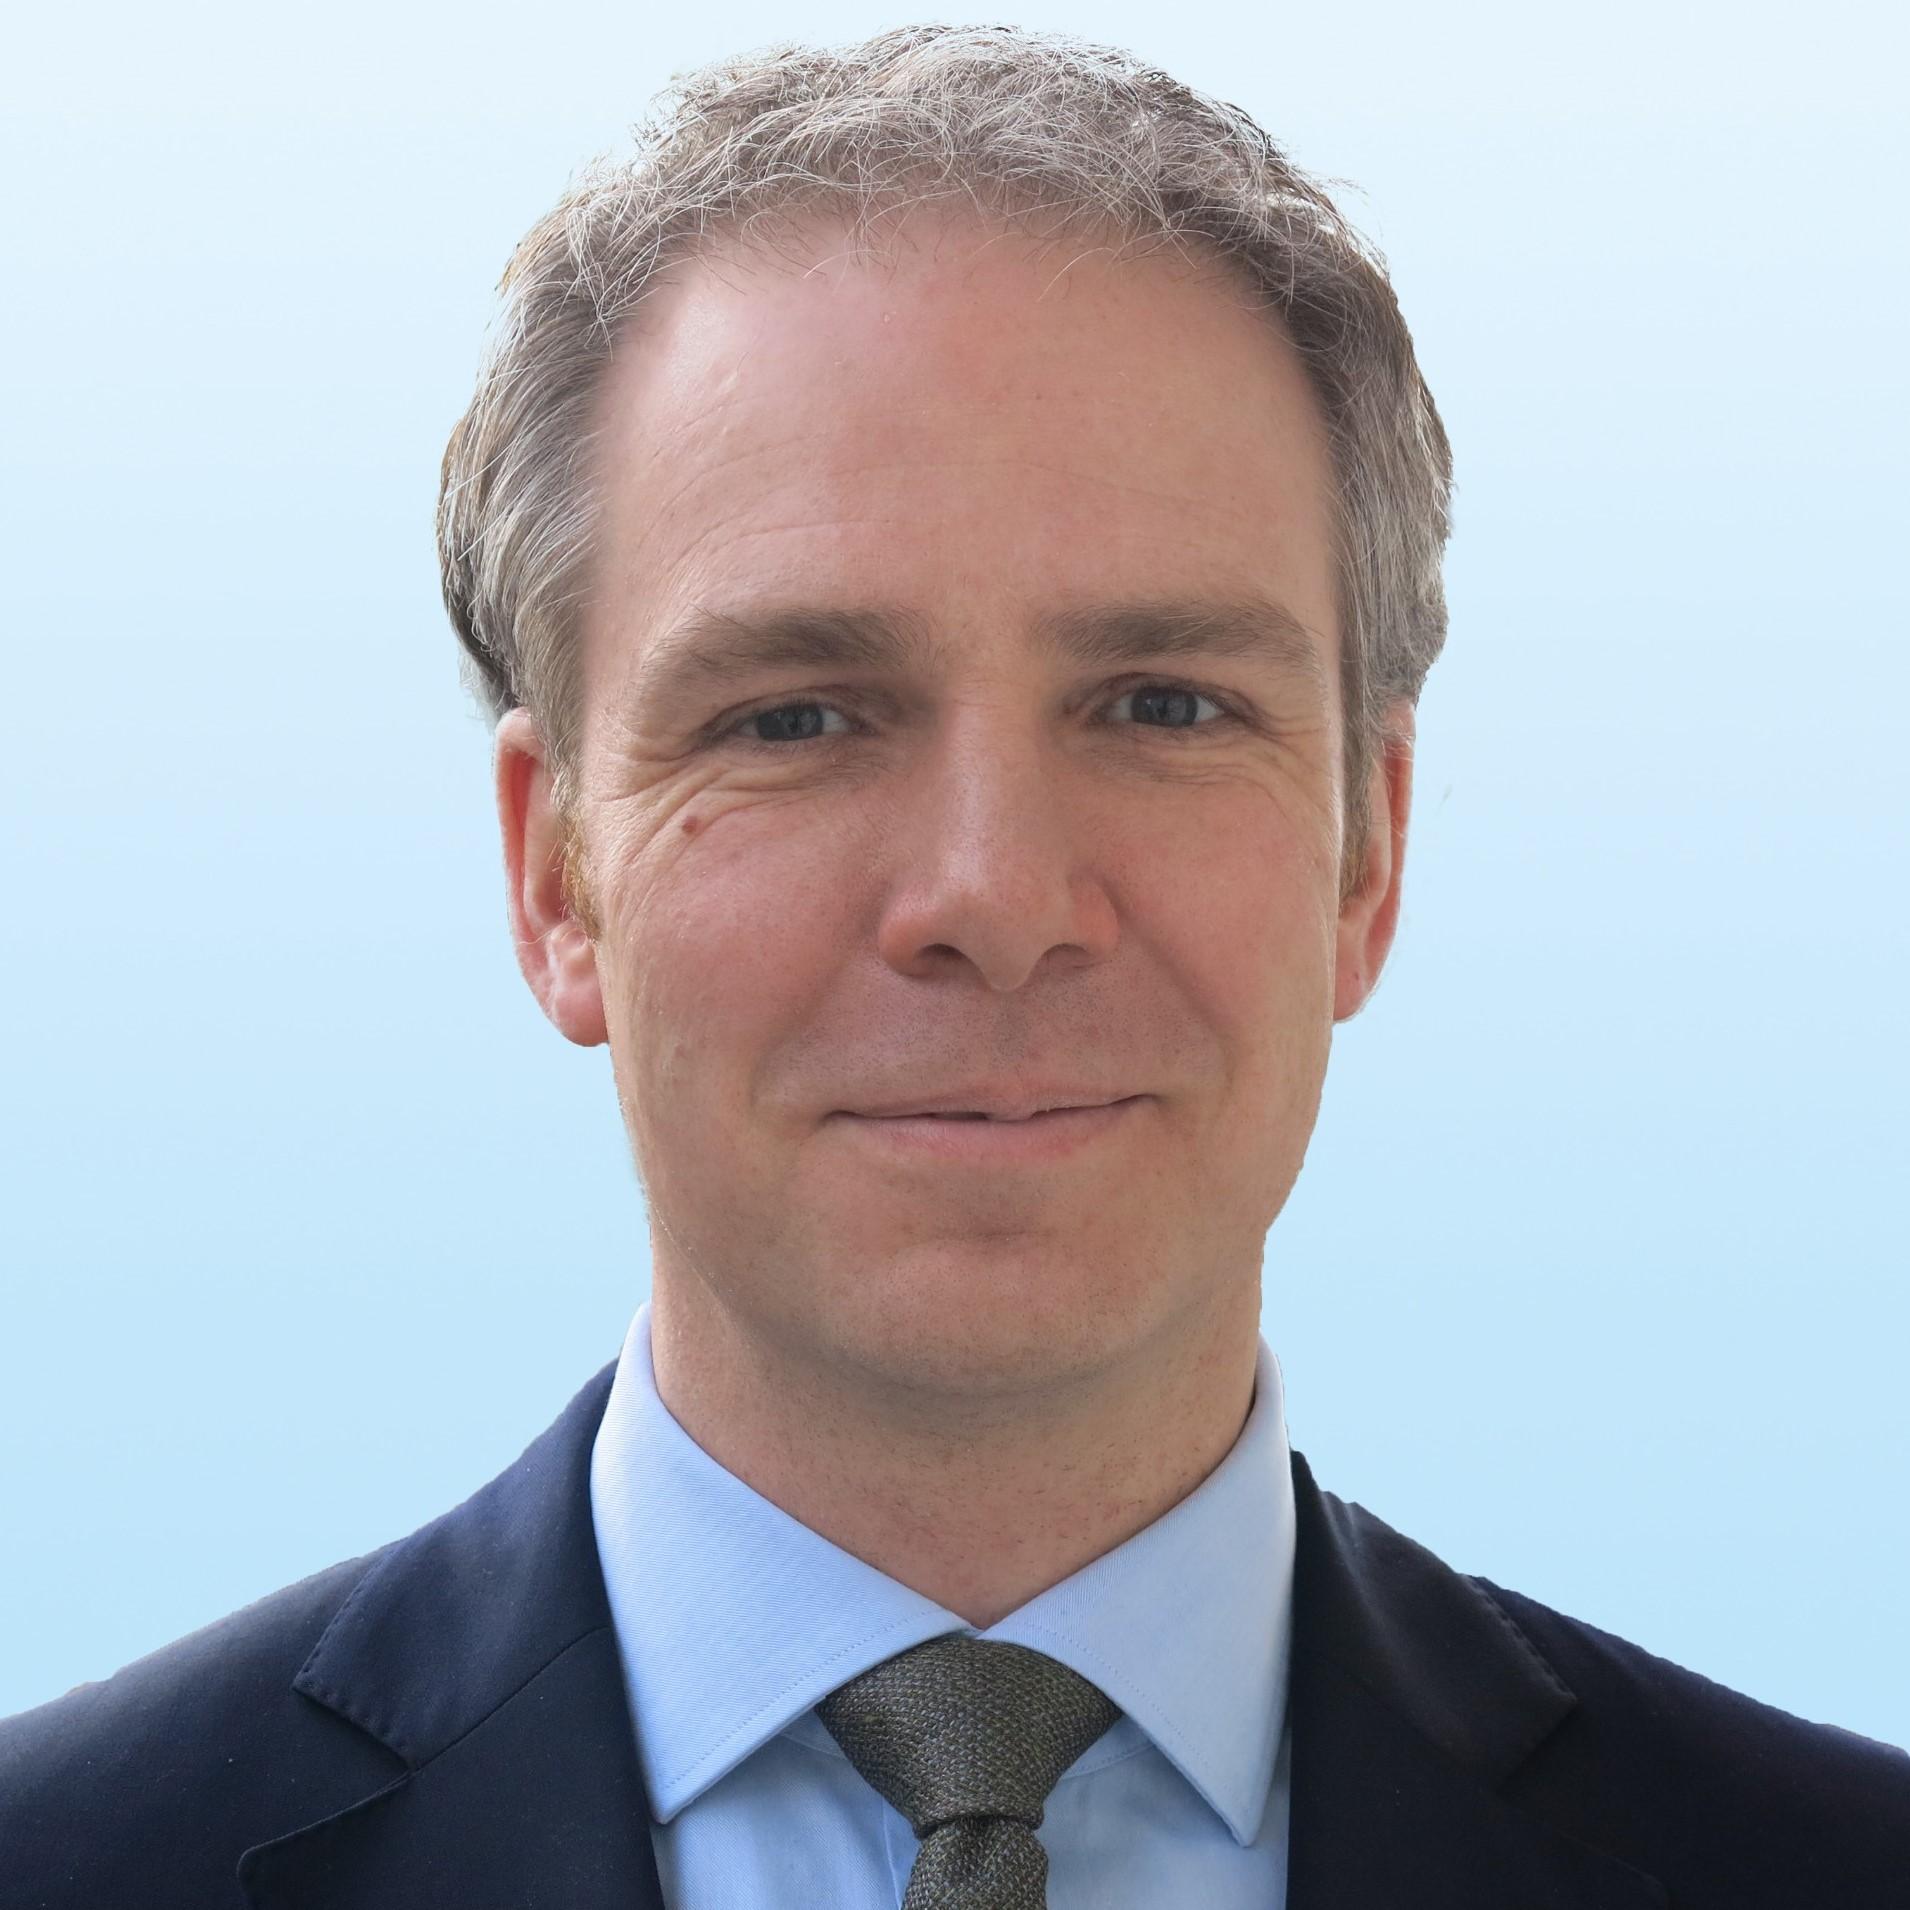 Nils von Schmidt